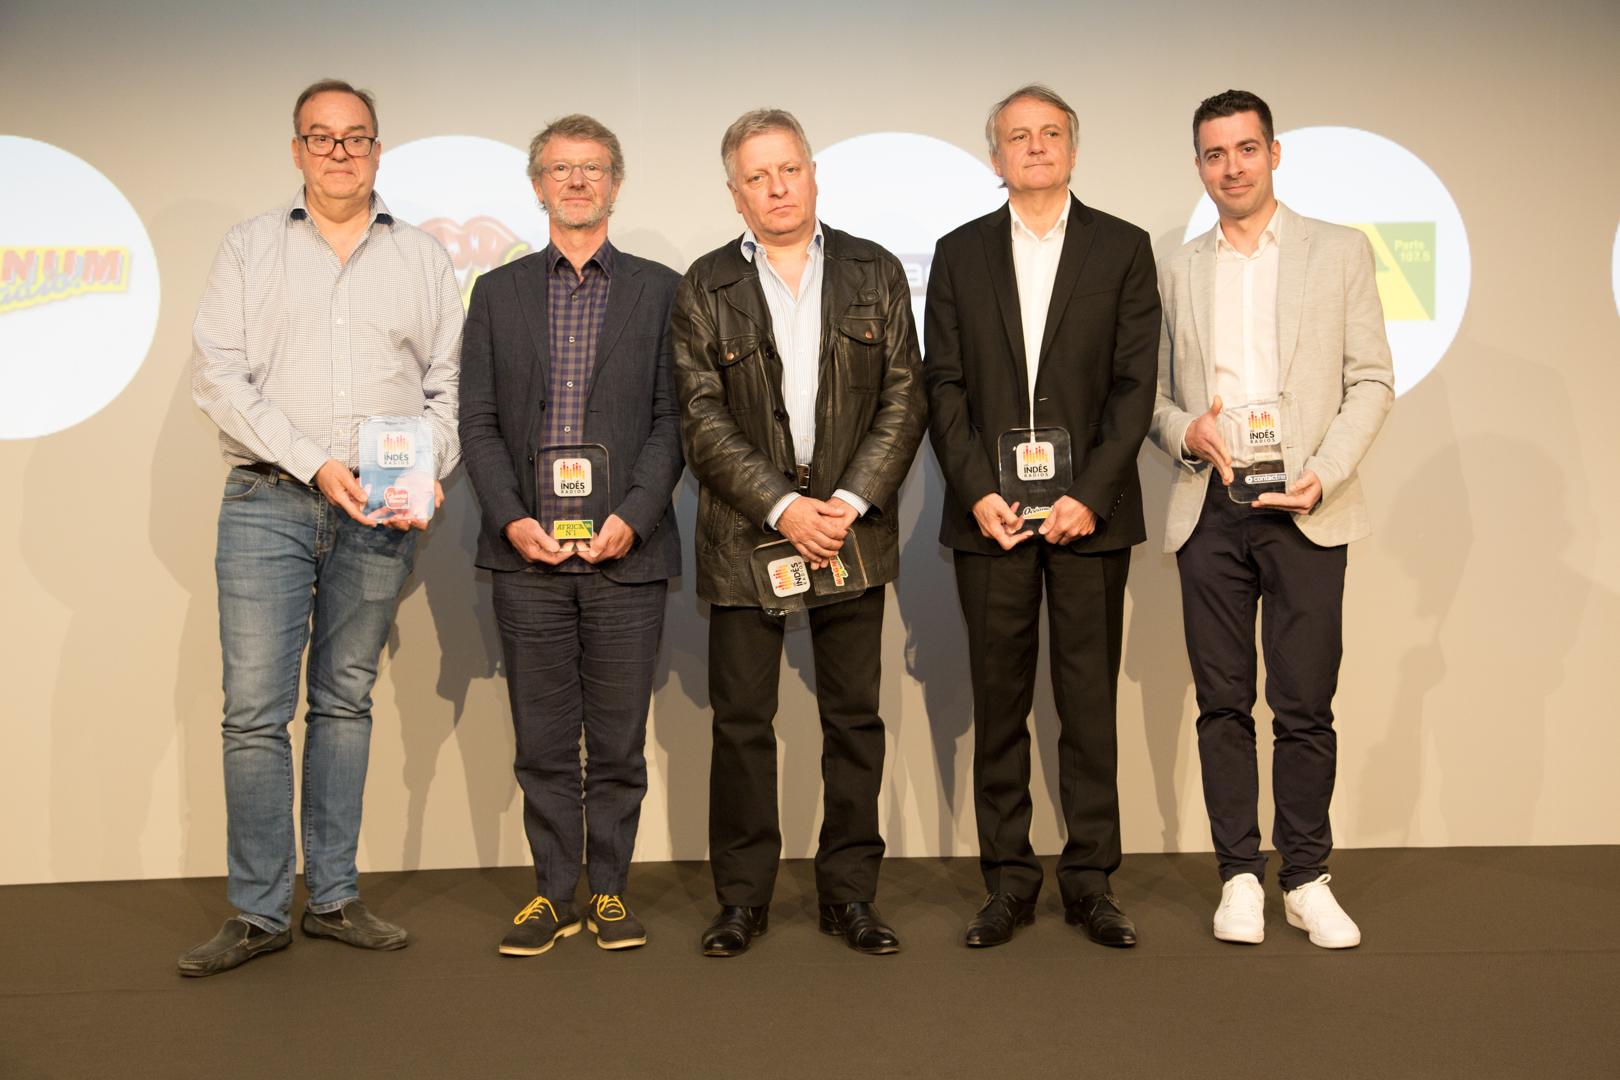 La remise des Trophées audience avec (de gauche à droite) Christophe de Lamotte (Chante France), Dominique Guihot (Africa N°1), Philippe Guyot (Magnum la Radio), Yann Oger (Océane FM) et  Nicolas Pavageau (Contact FM)